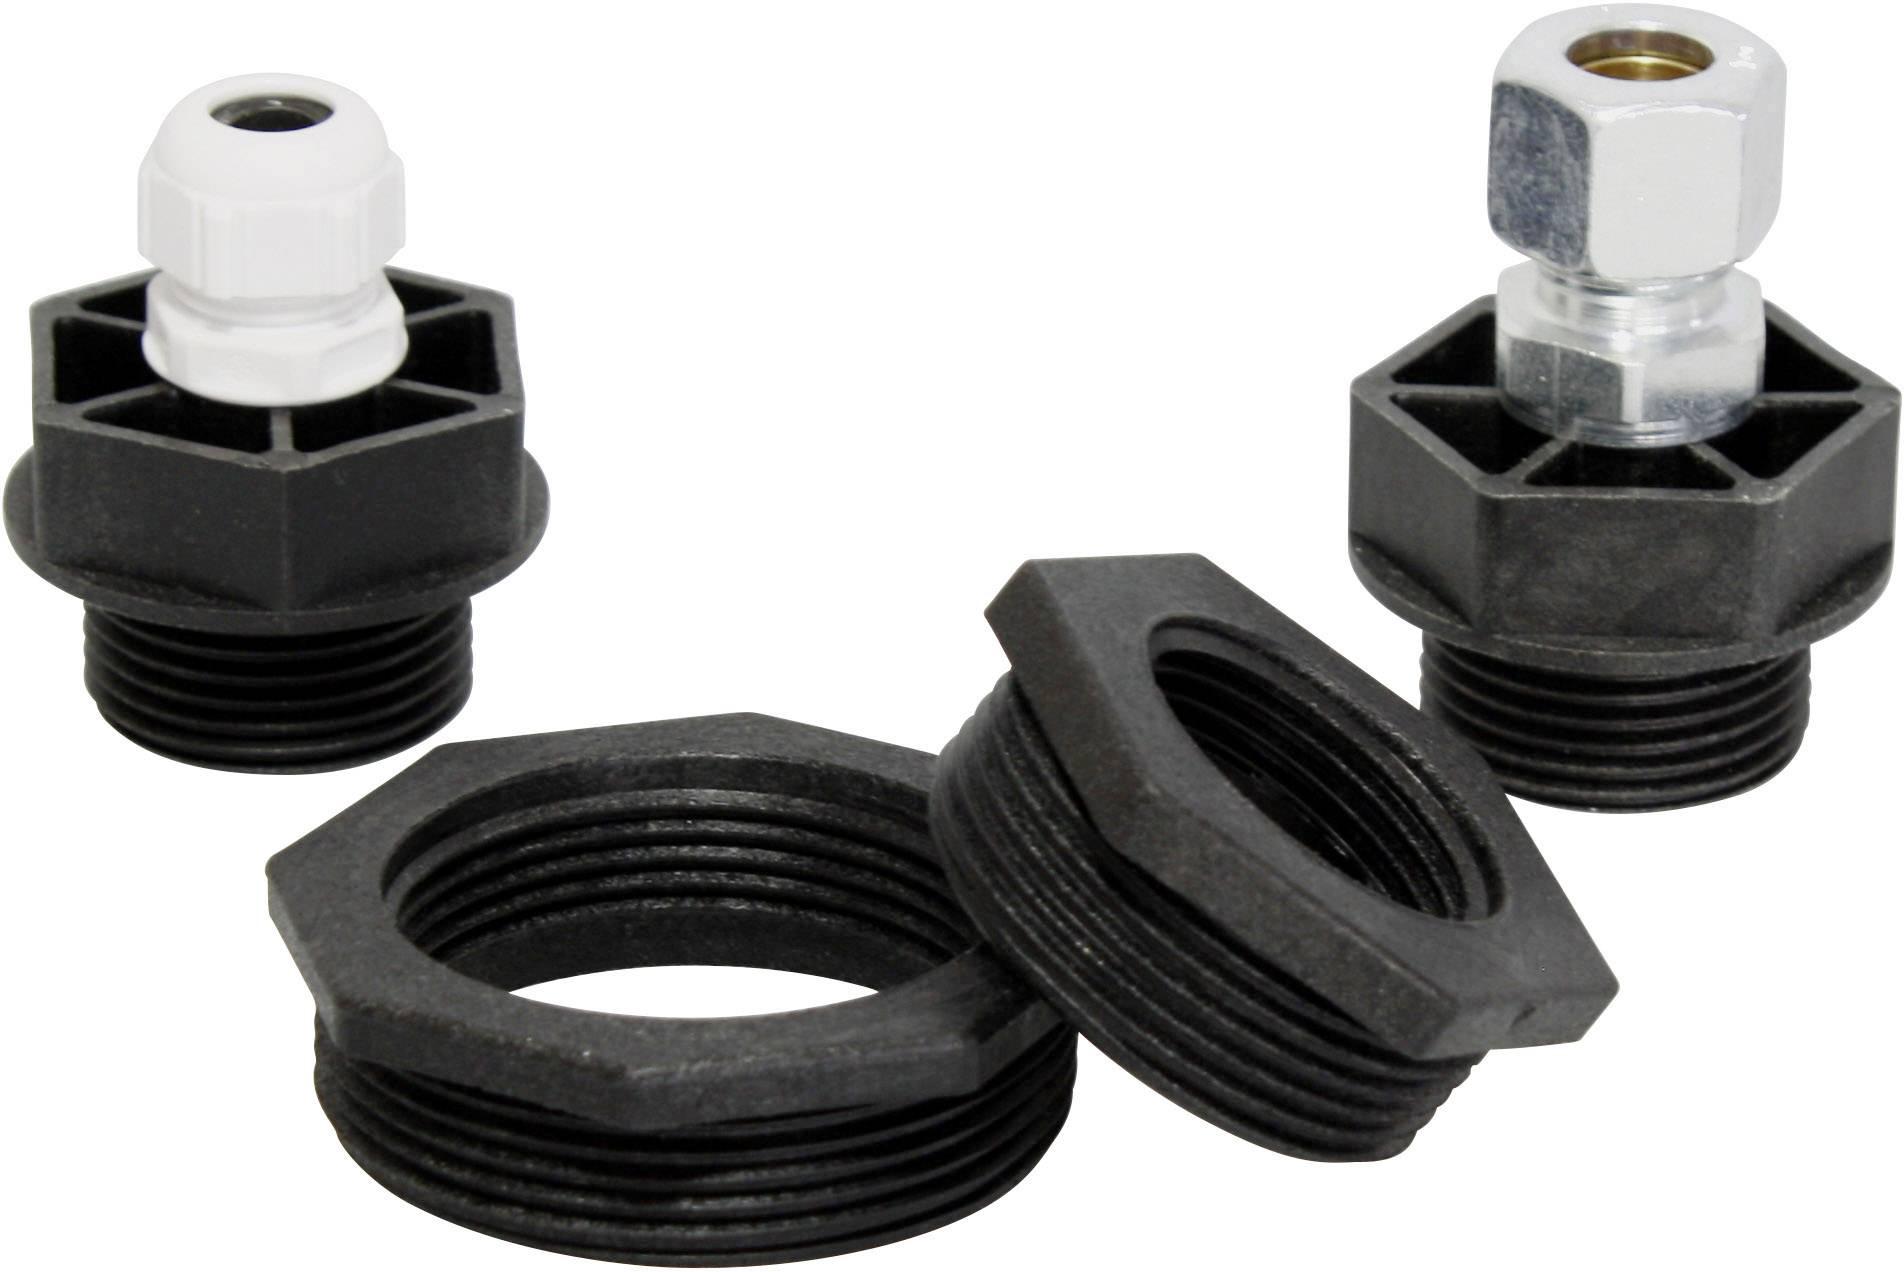 Sada šroubů k nádrži pro upevnění senzoru SecuTech 28821-31, 28821-31